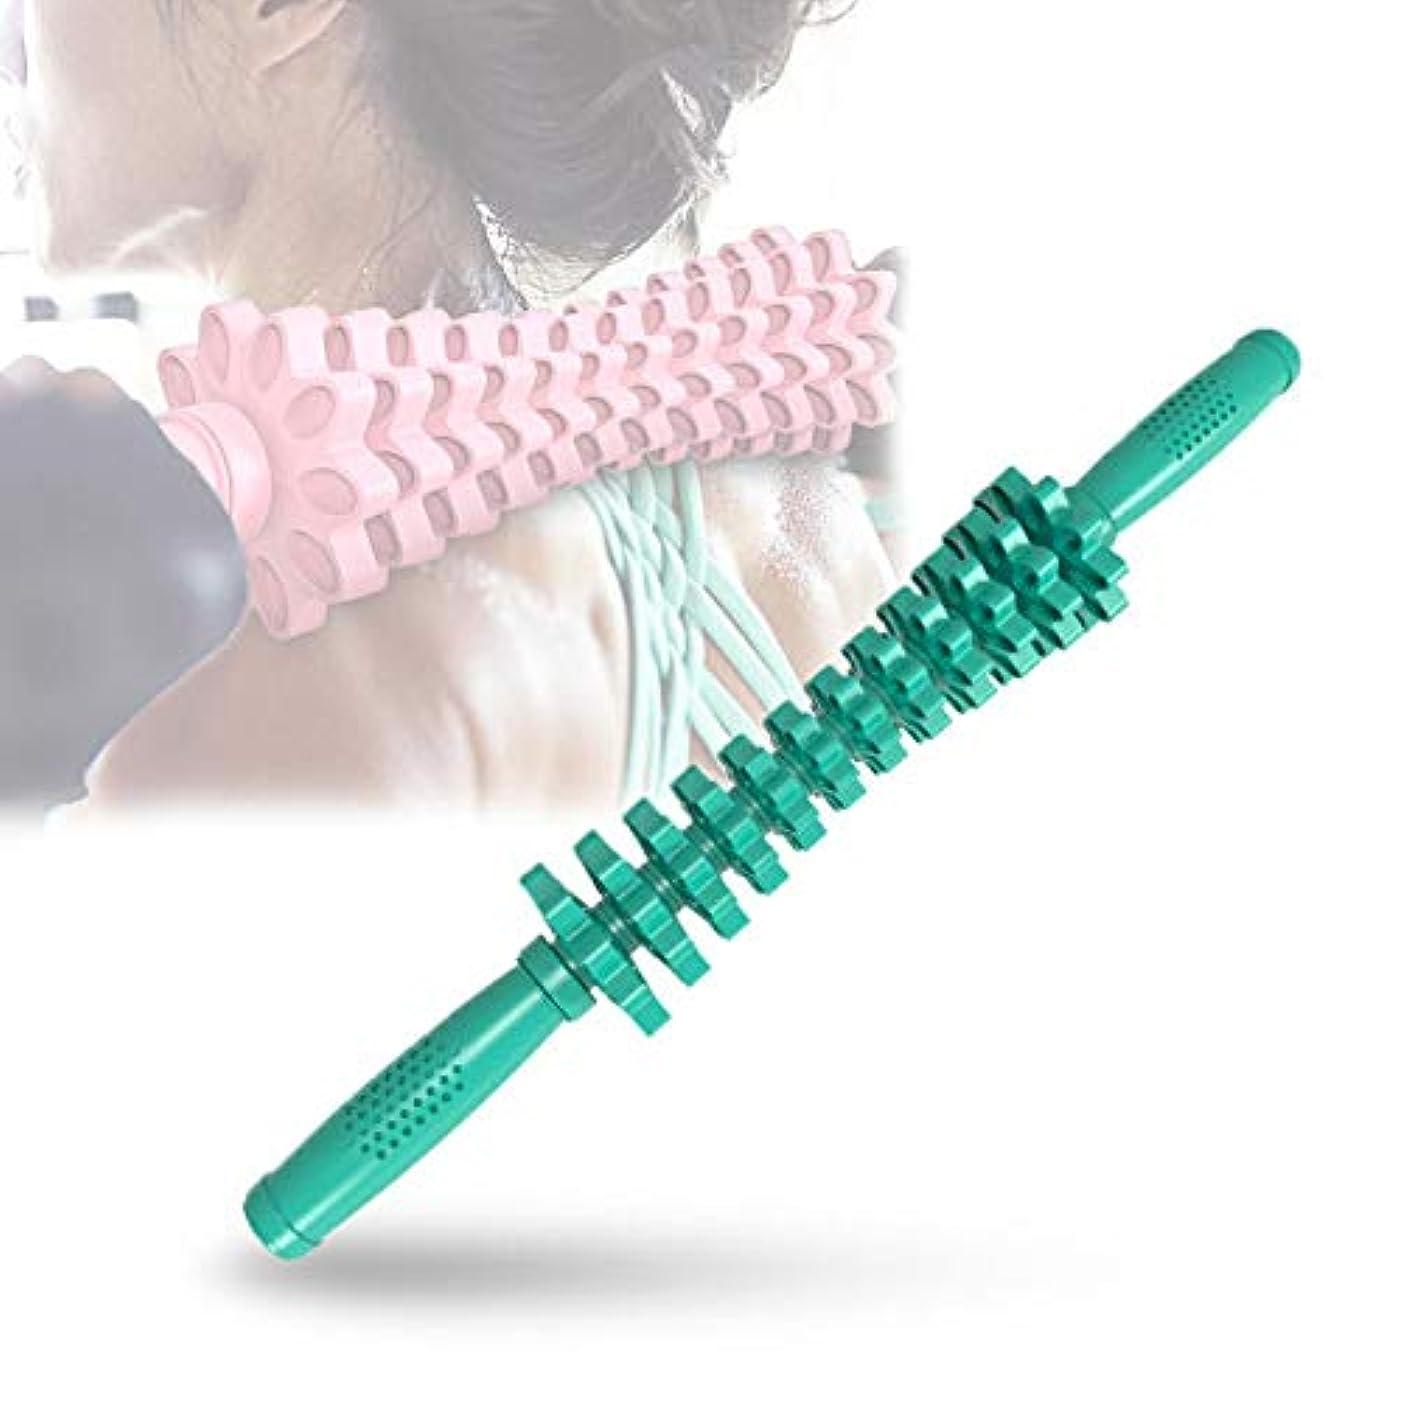 建築メタリック広まったフォームローラー 筋肉マッサージおよび筋筋膜のトリガーポイント解放のためのギヤマッサージャーの取り外し可能なポリ塩化ビニールの快適な滑り止め,Green